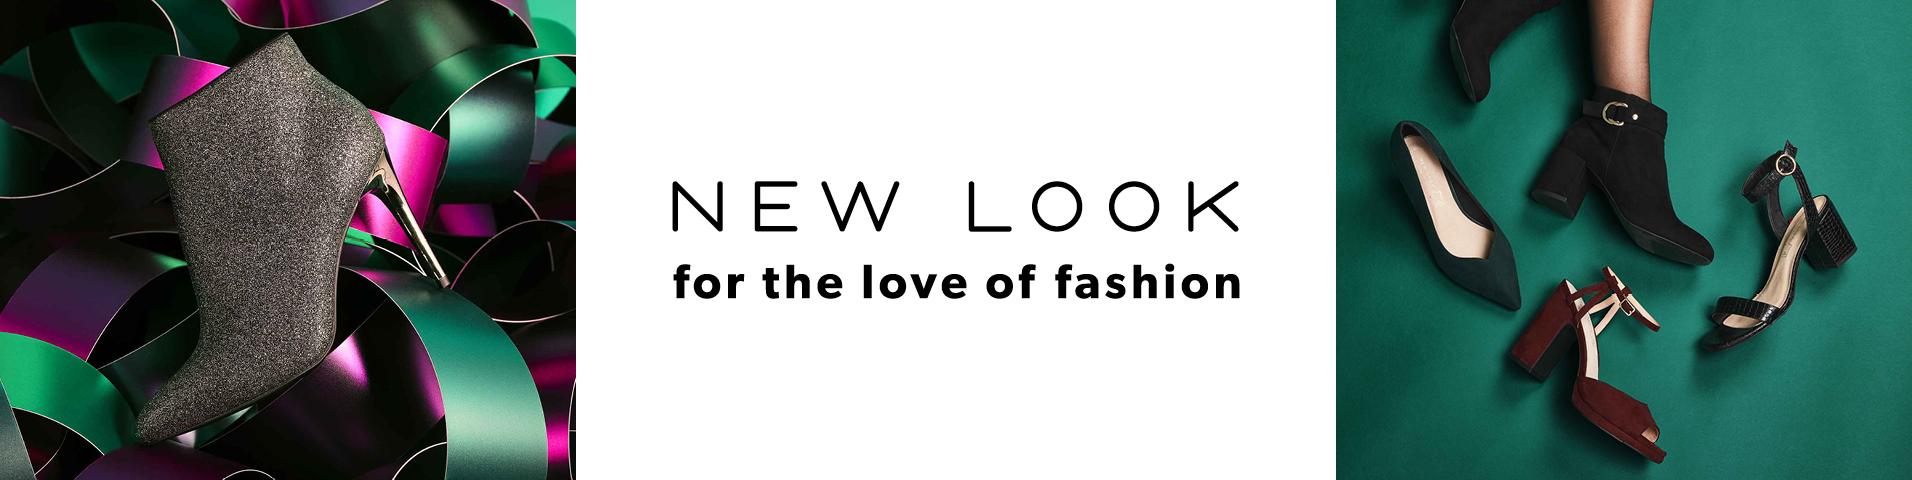 New Look Stiefeletten   Das Allroundtalent der Fashionwelt   ZALANDO ae937ed3fd